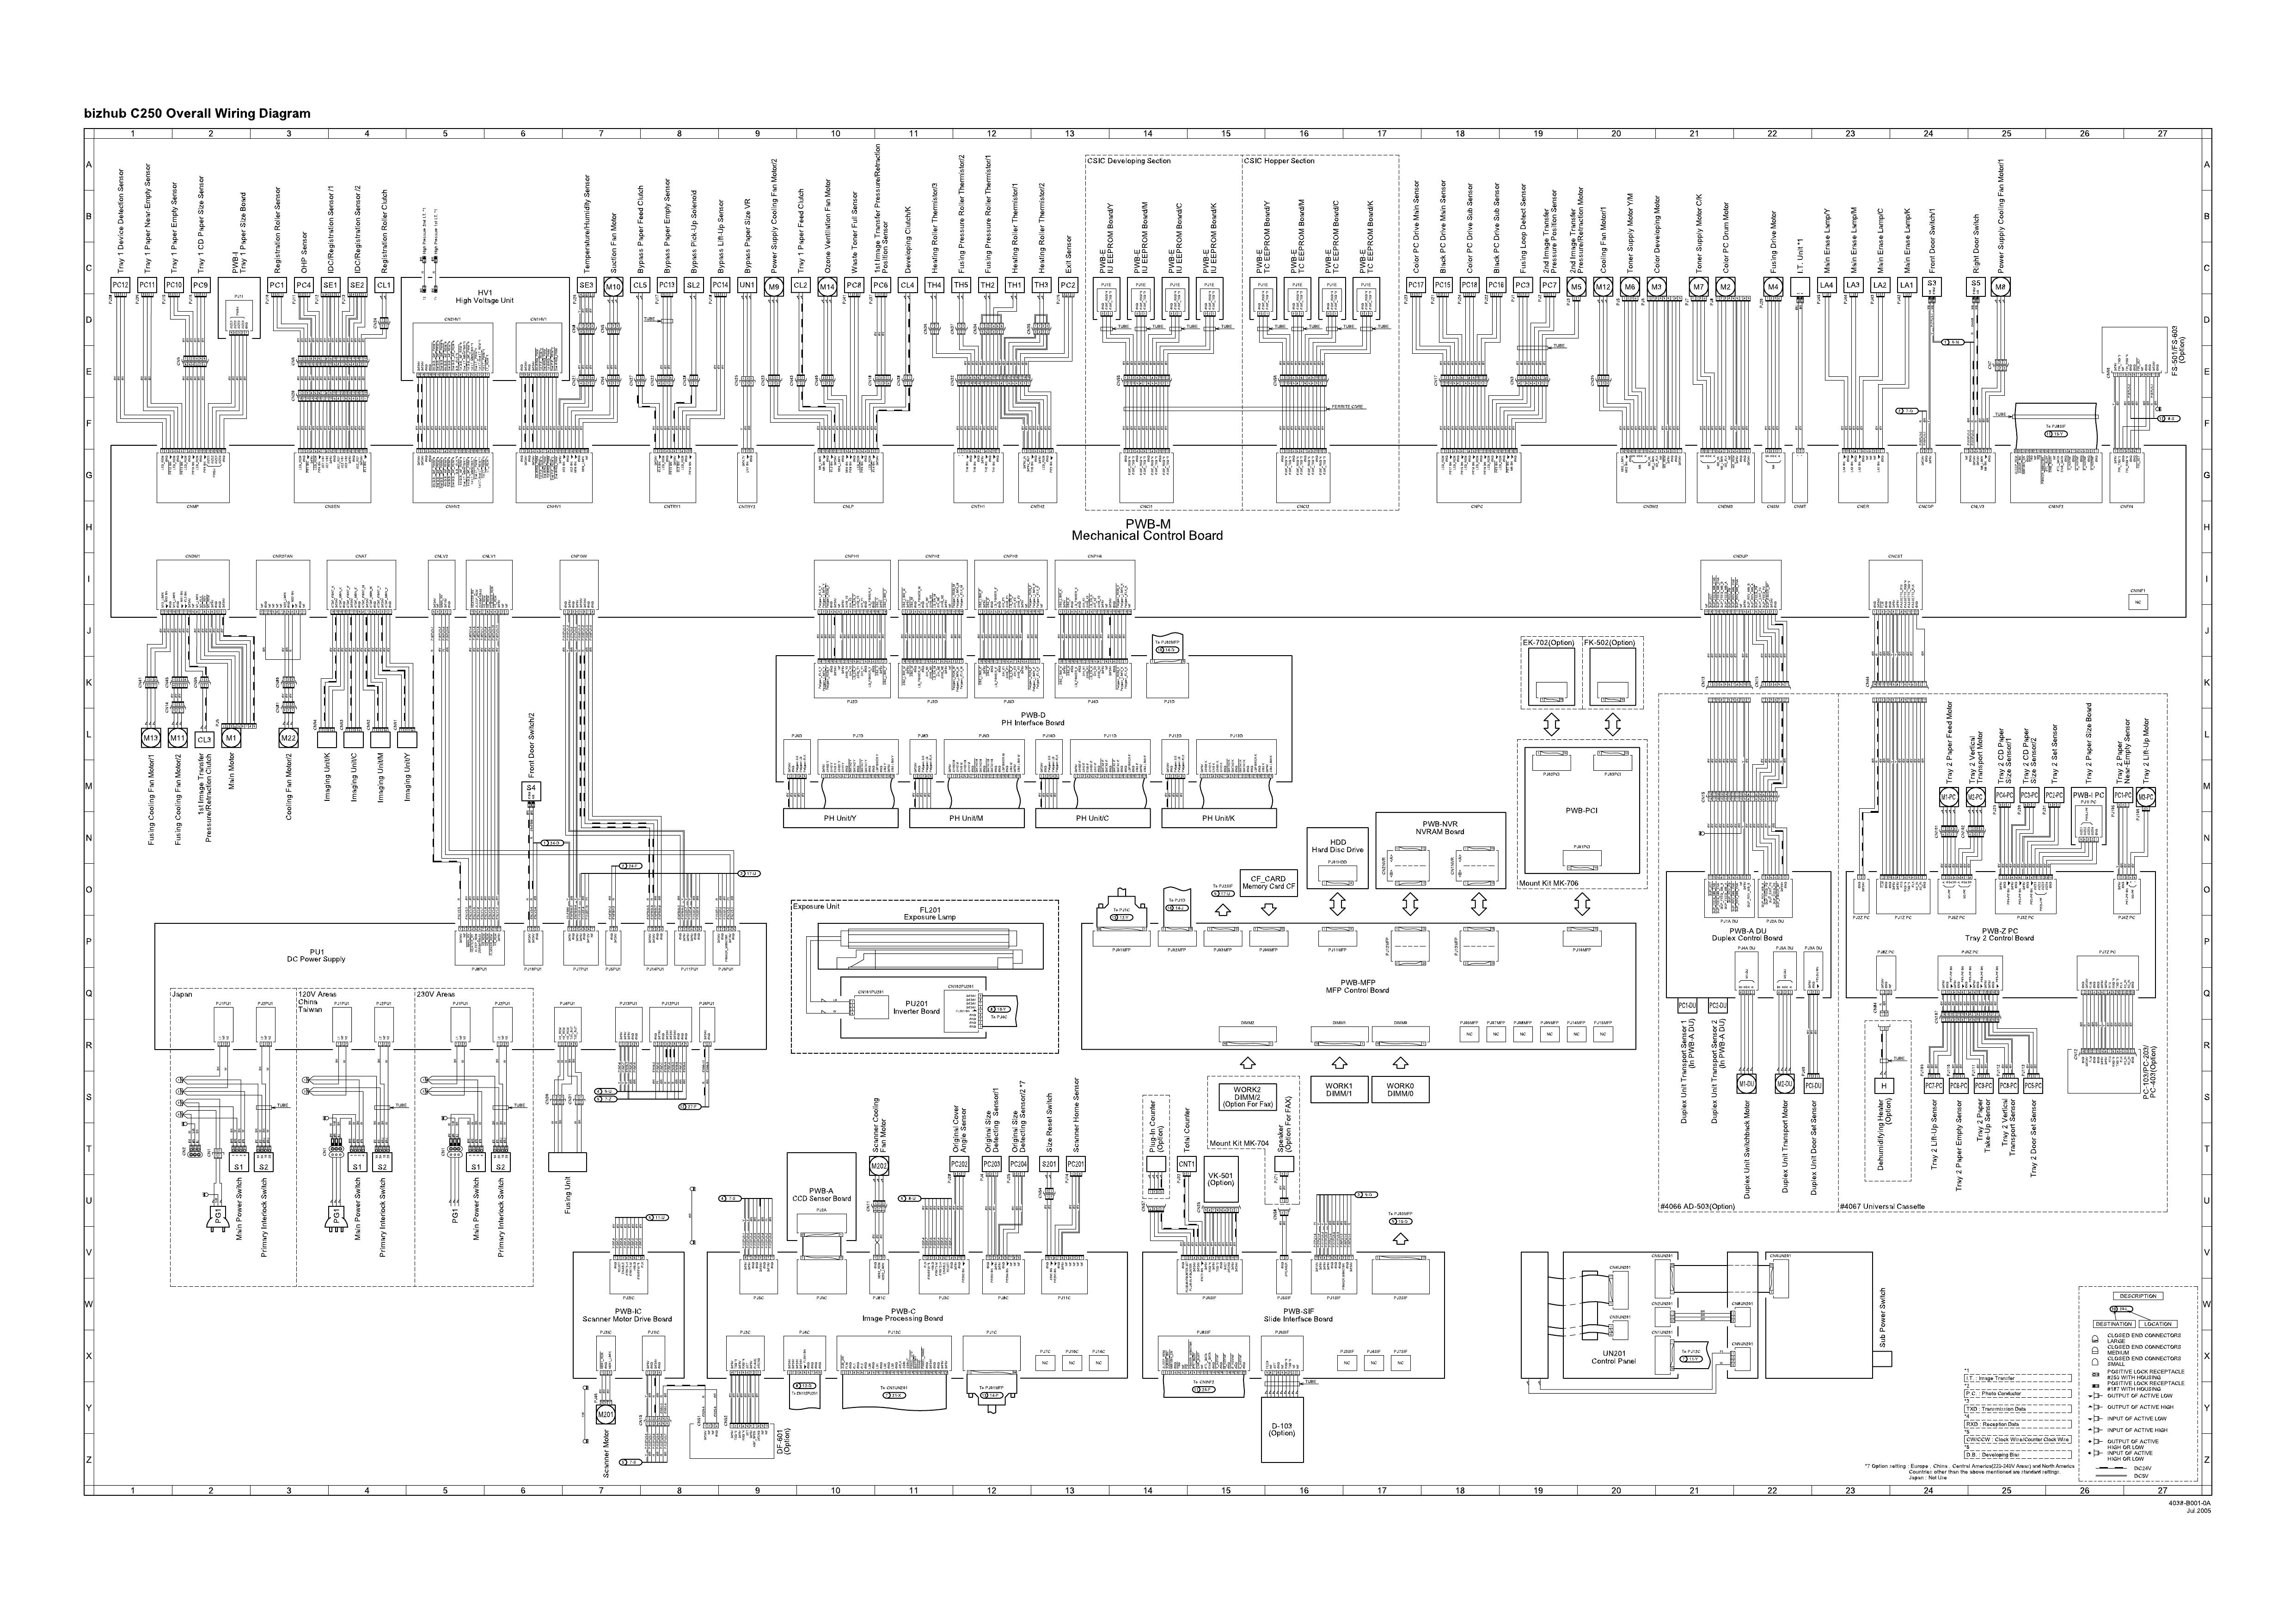 printer wiring diagrams get free image about wiring diagram